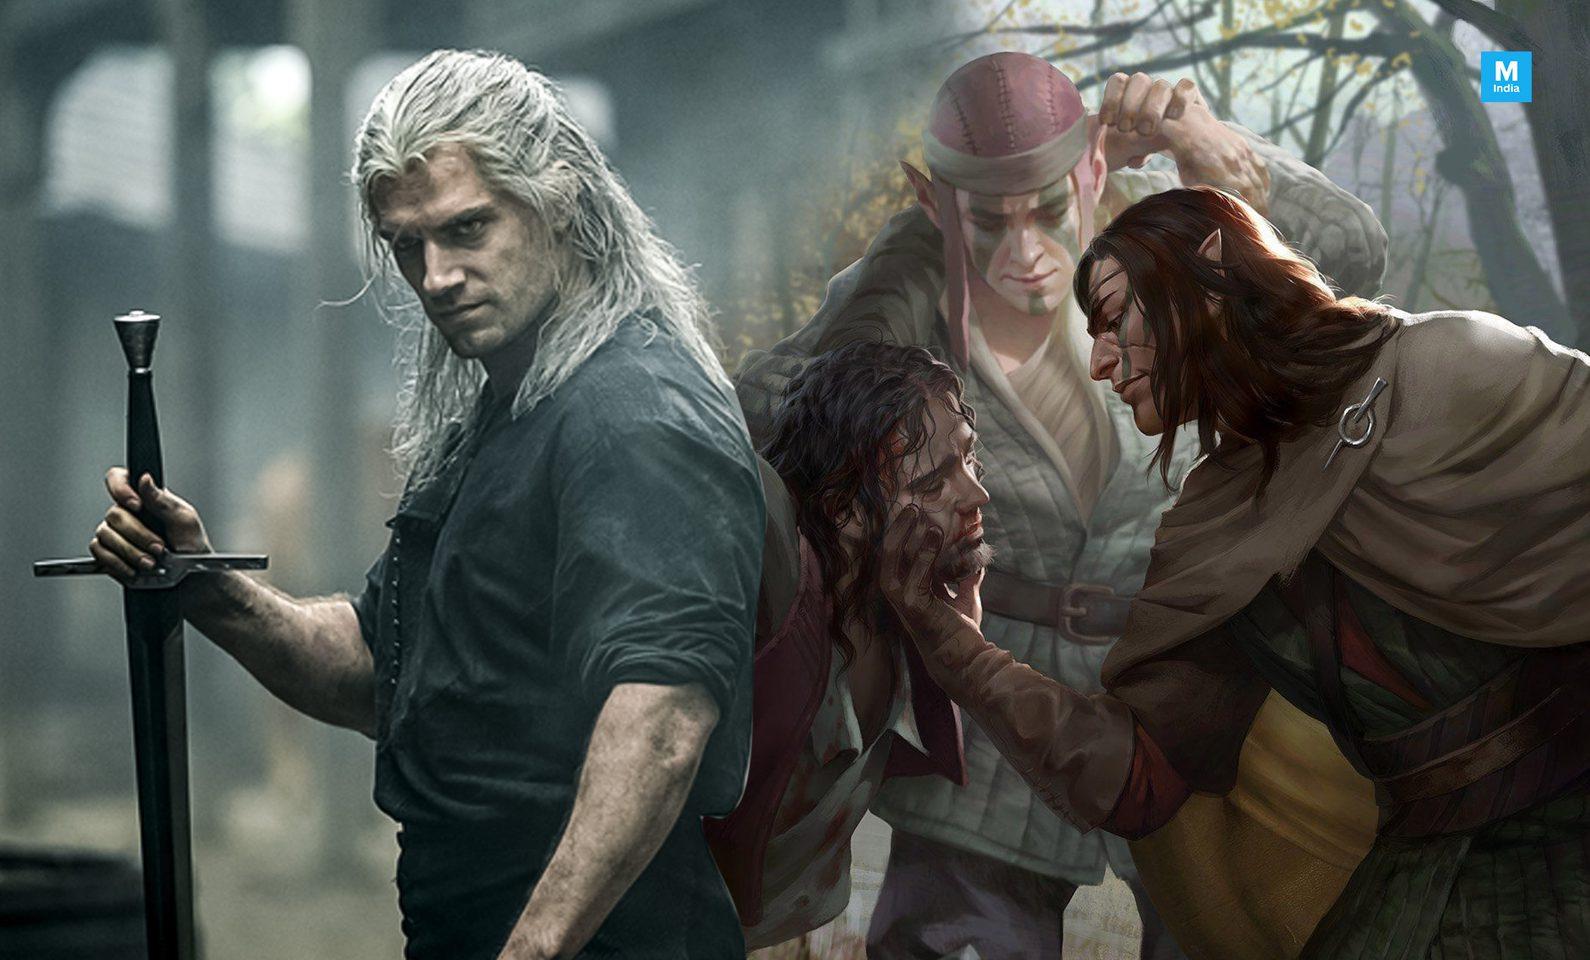 Удалось опознать почти всех сценаристов приквела The Witcher: Blood Origin